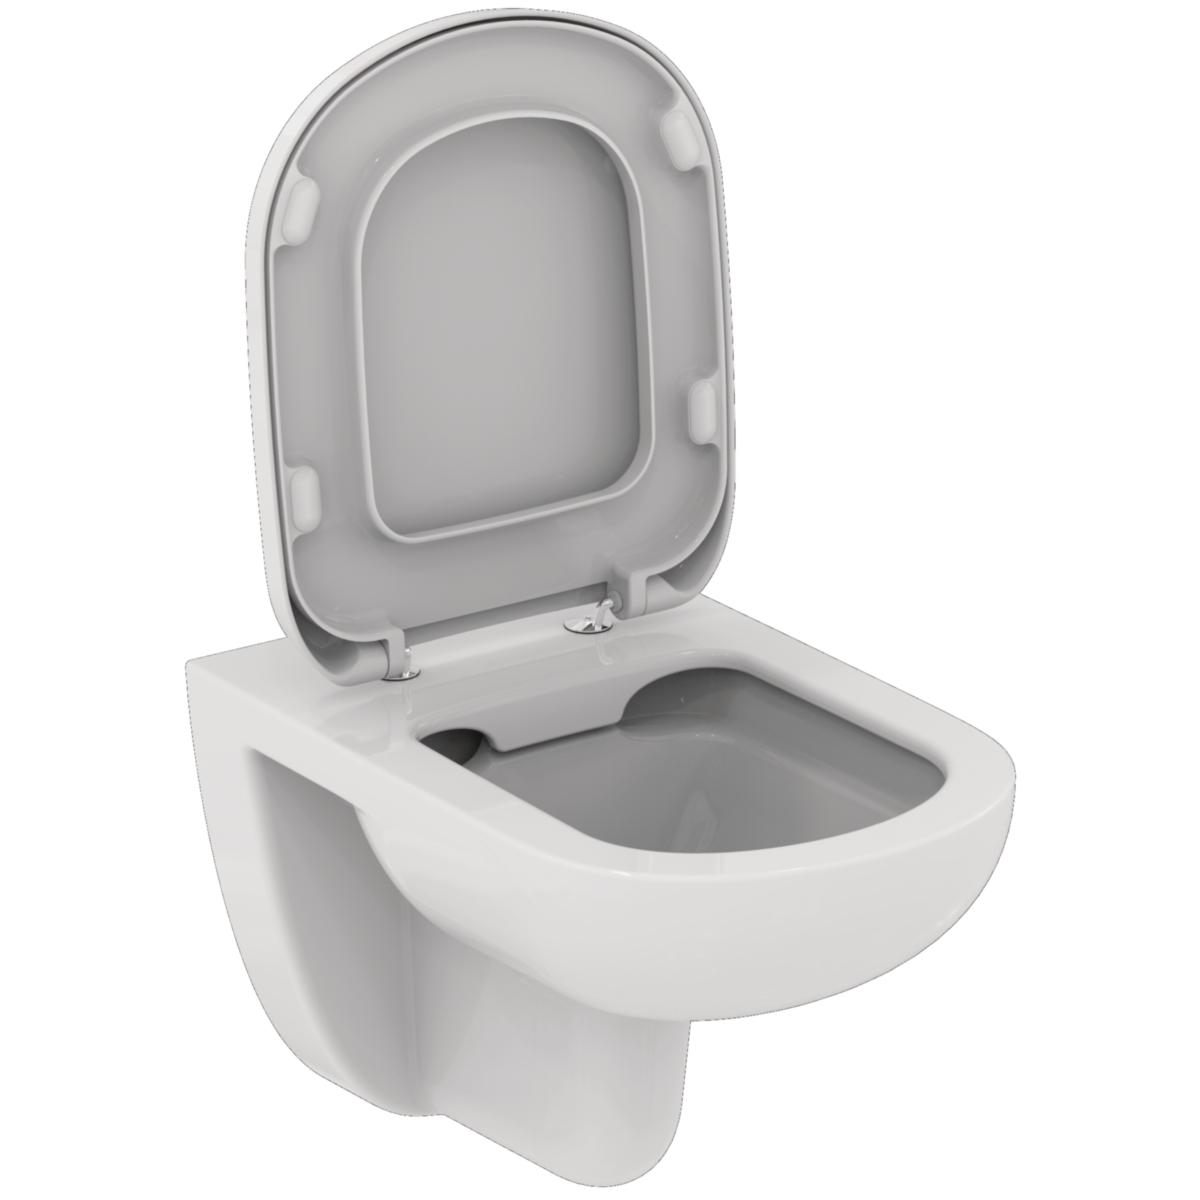 ensemble cuvette wc suspendue kheops sans bride abattant frein de chute ideal standard. Black Bedroom Furniture Sets. Home Design Ideas